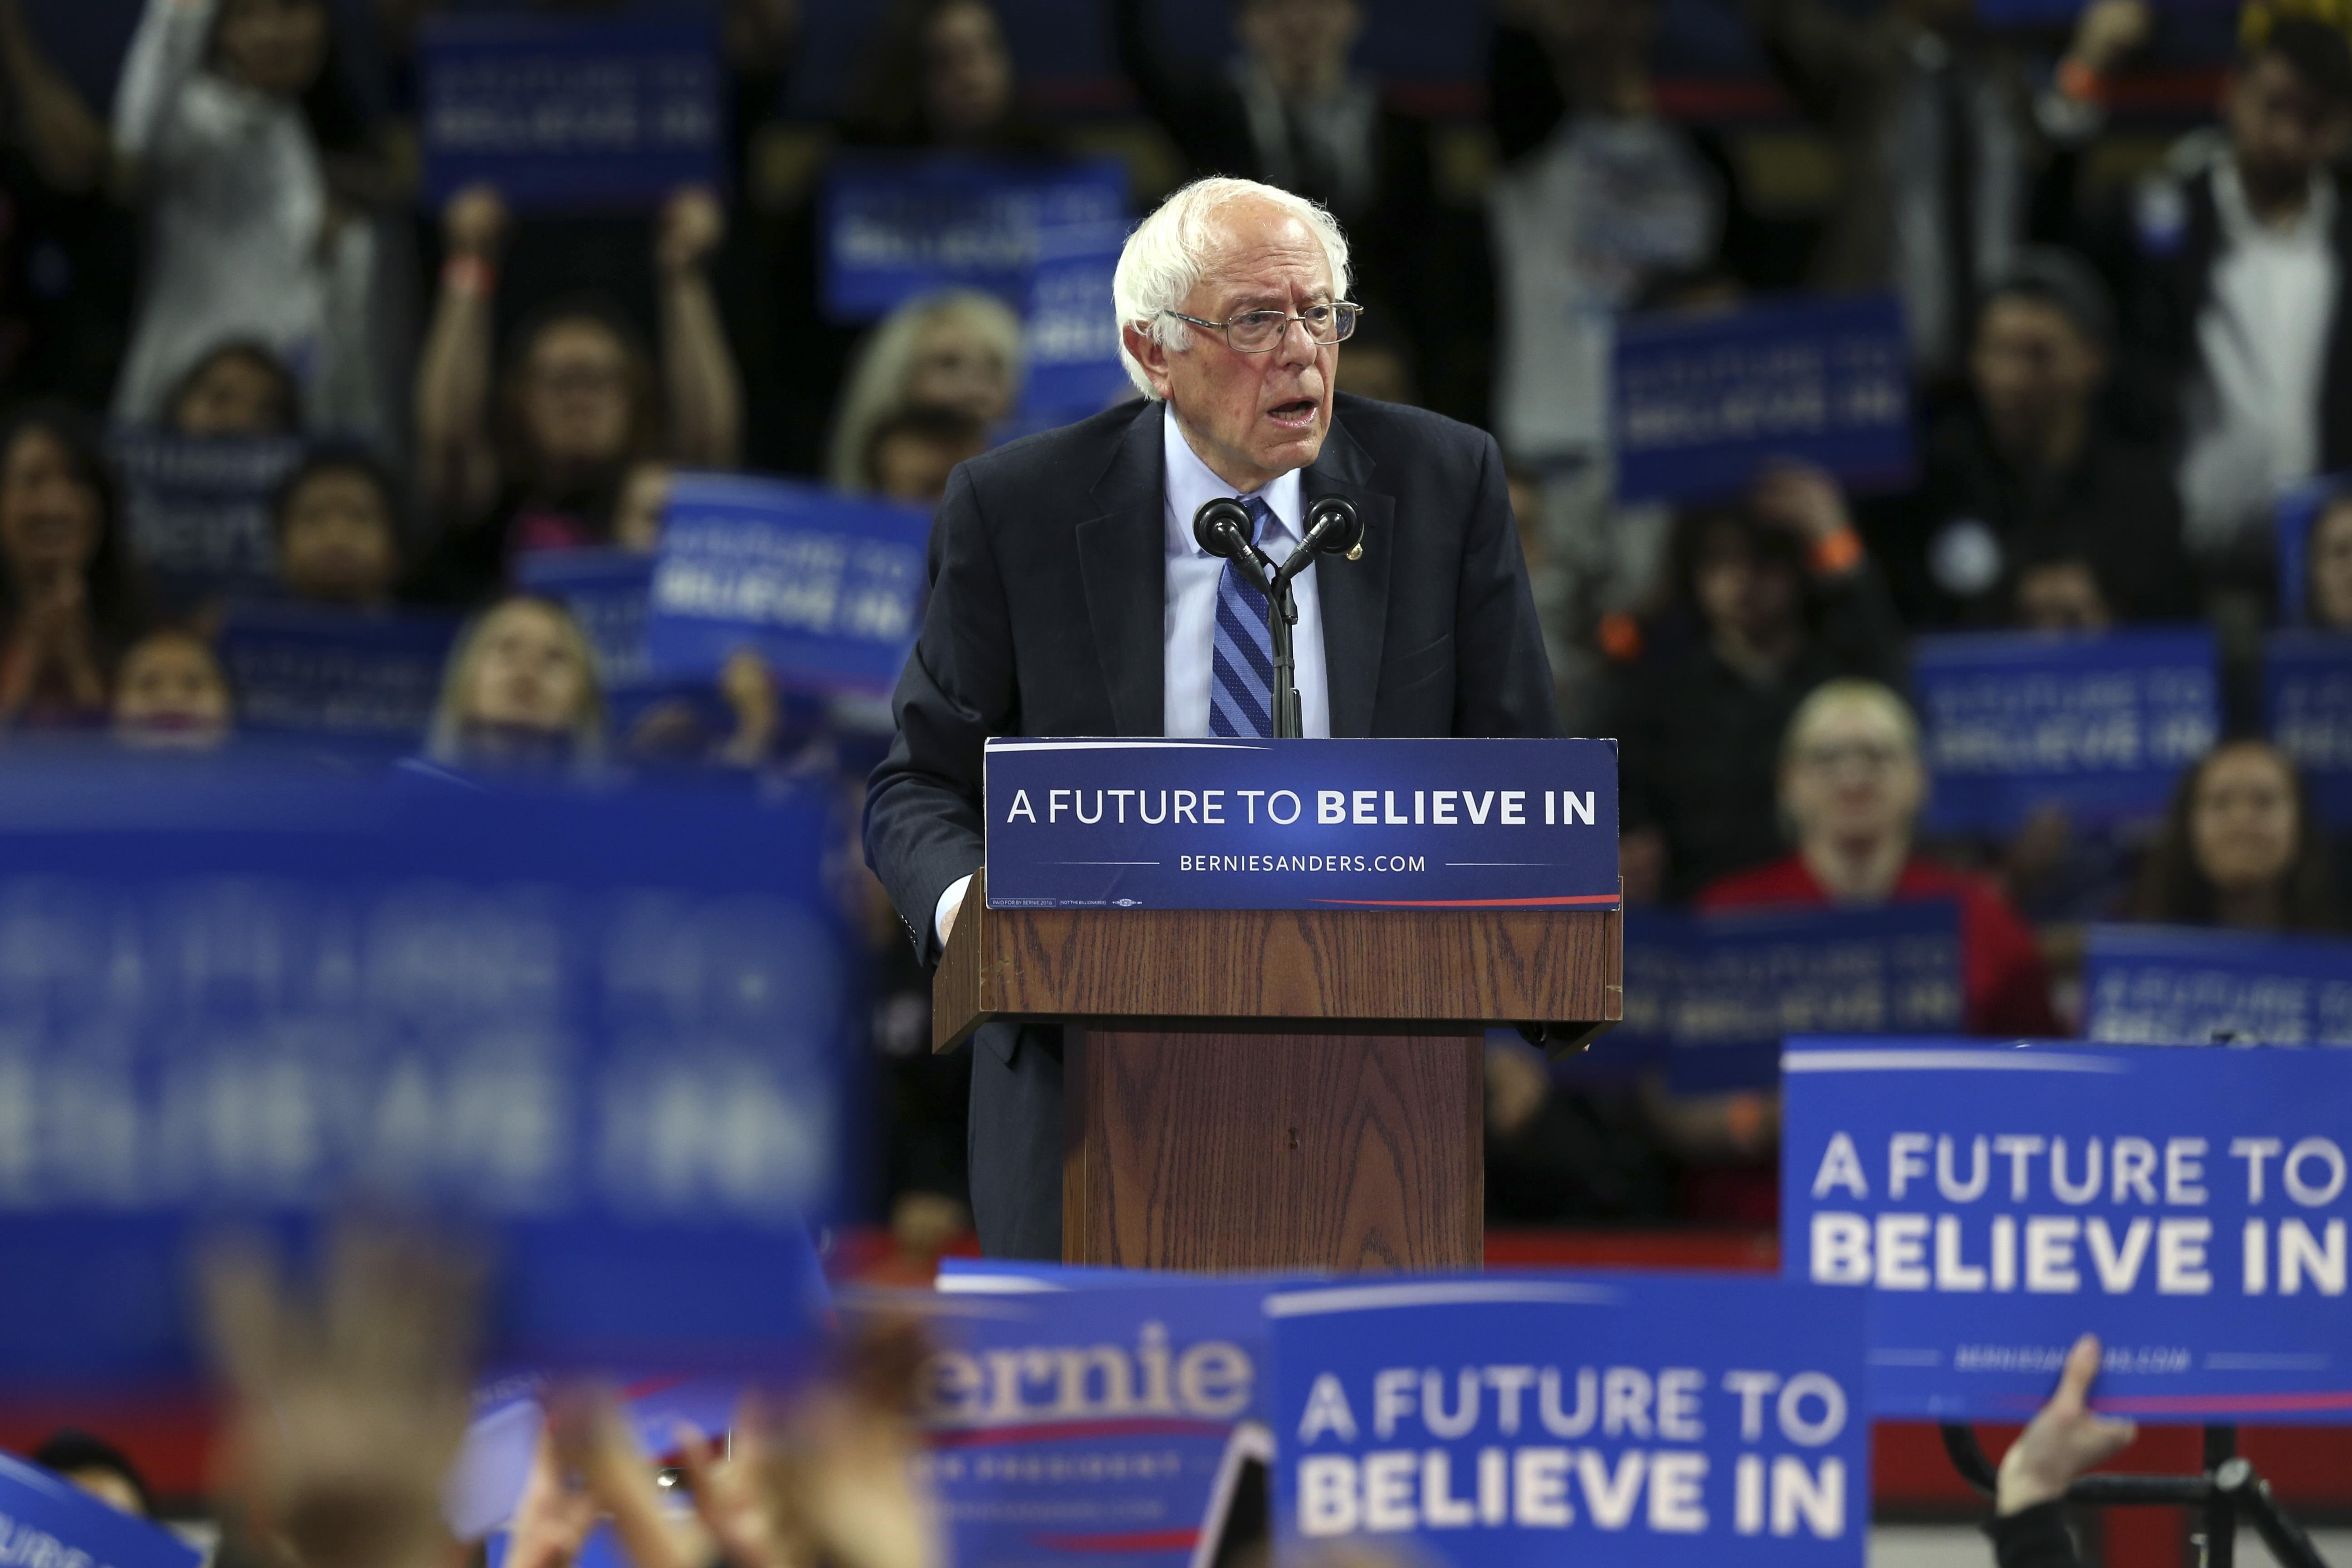 Bernie Sanders speaks at a campaign rally in Piscataway, N.J. on May 8, 2016.